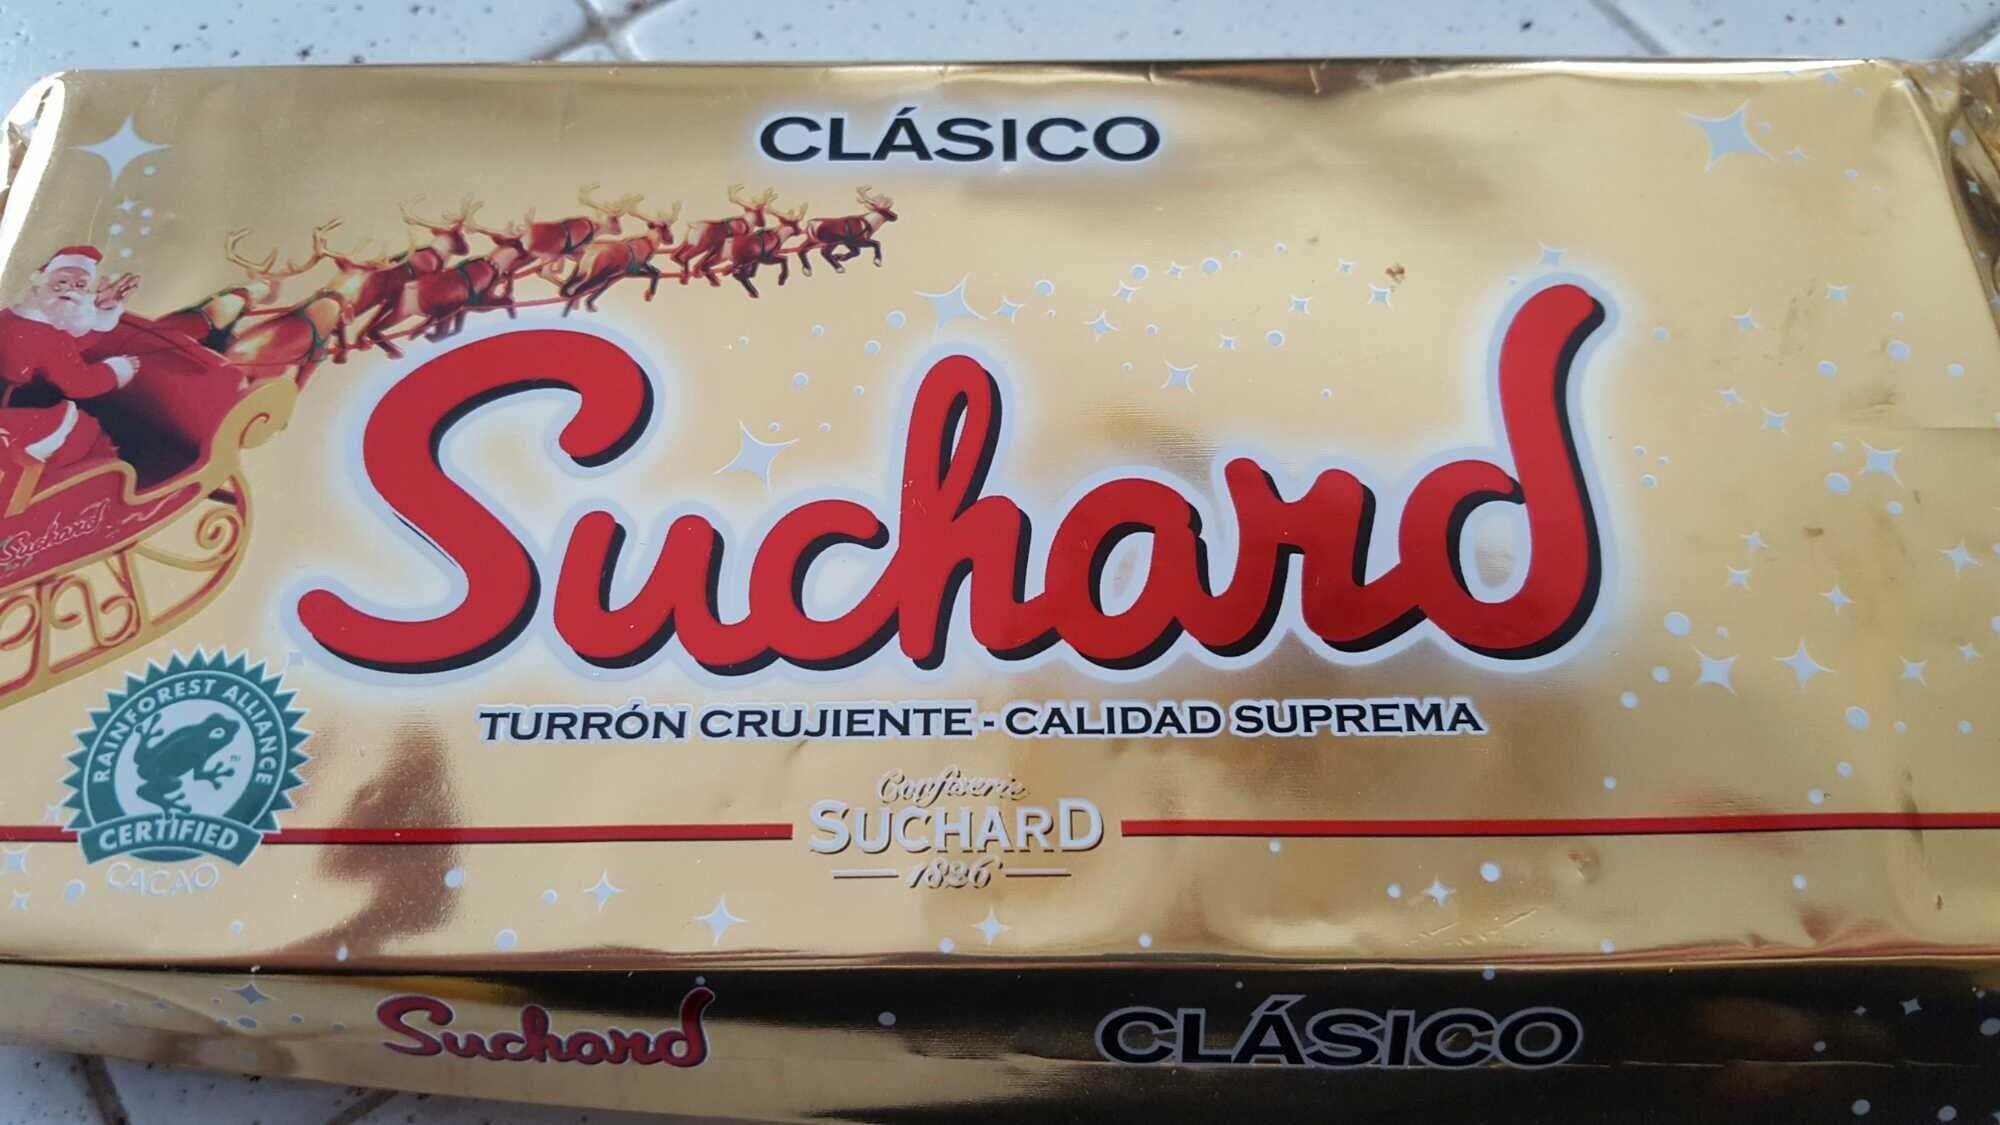 Turrón de chocolate crujiente clásico - Producto